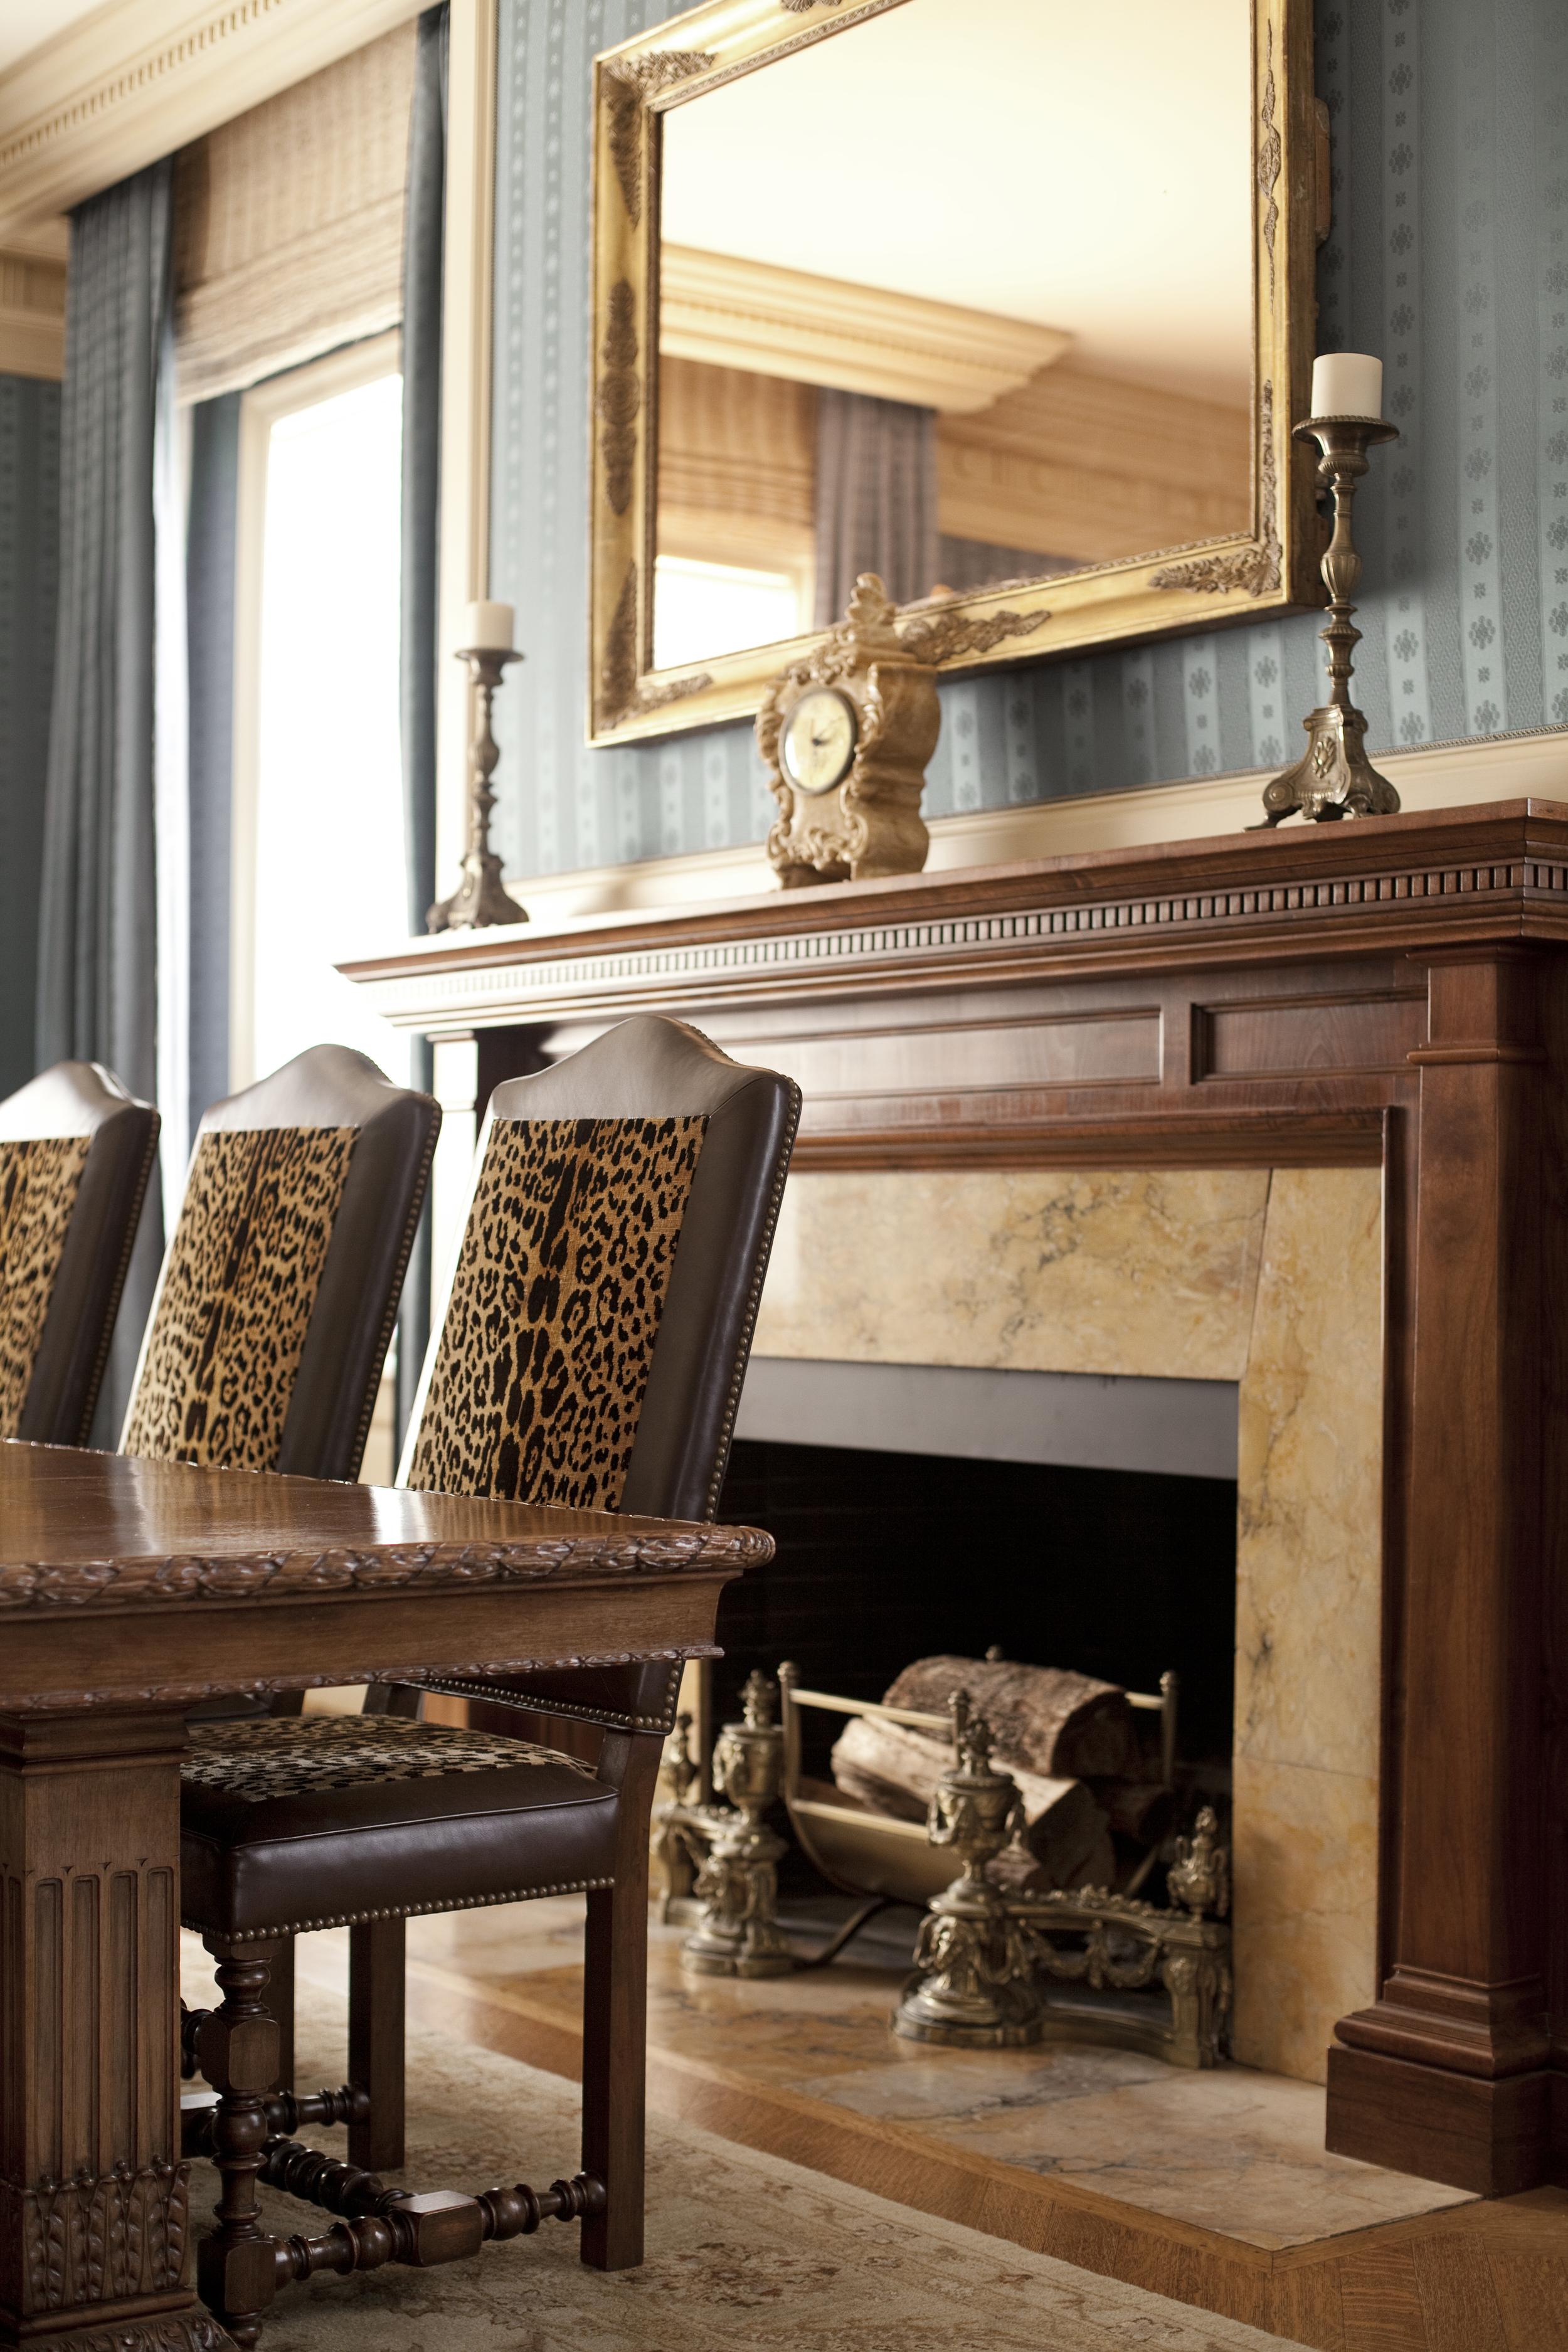 Josef_Scott_House_Living_Room 46x.jpg